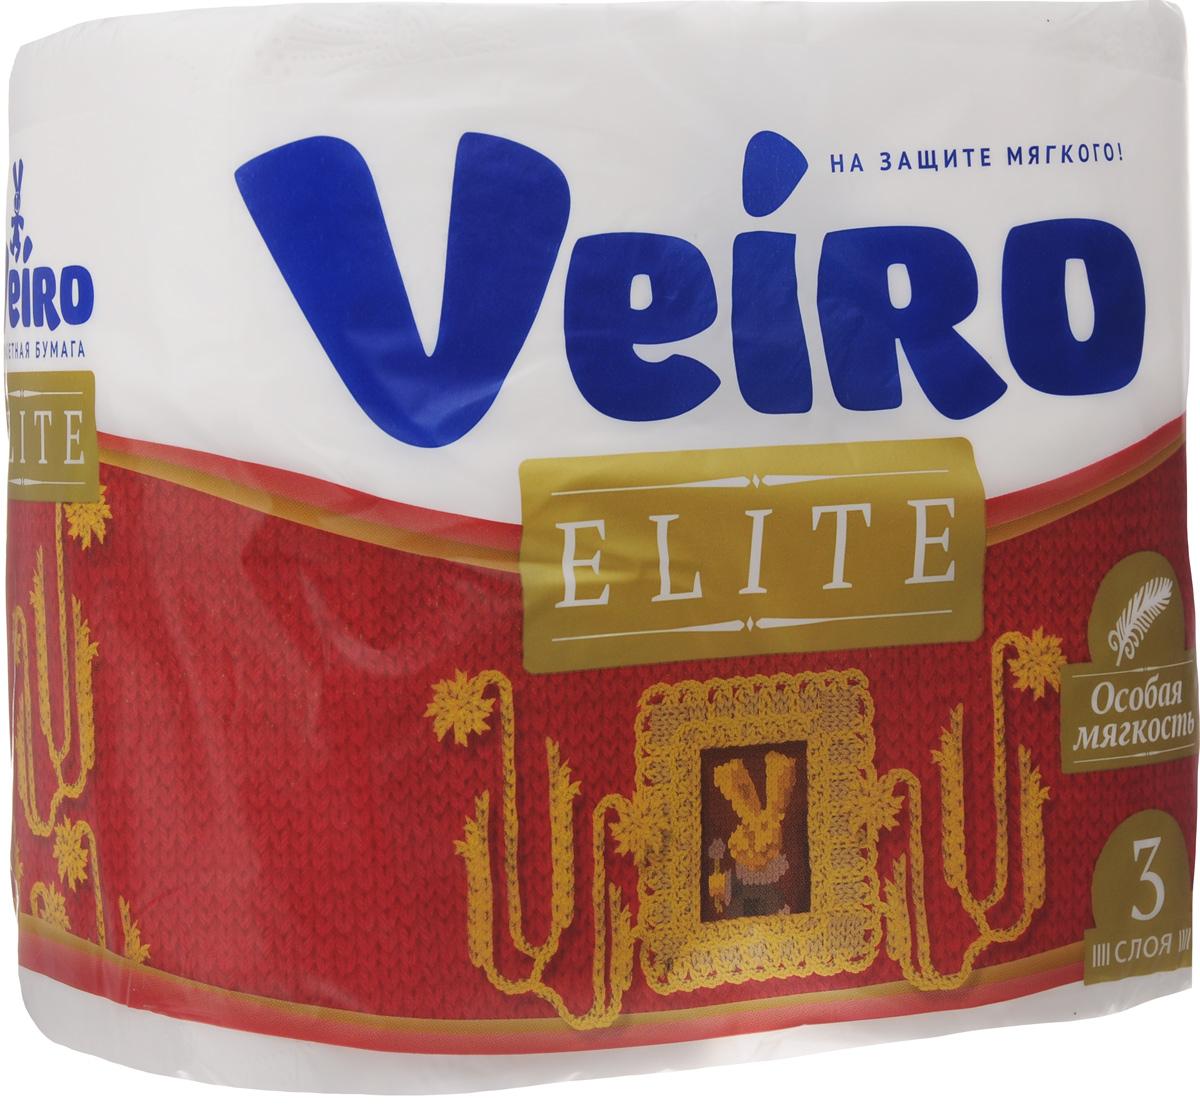 Бумага туалетная Veiro Elite, трехслойная, 4 рулона9С34Туалетная бумага Veiro Elite, выполненная из натуральной целлюлозы, обеспечивает превосходный комфорт и ощущение чистоты и свежести. Необыкновенно мягкая, но в тоже время прочная, бумага не расслаивается и отрывается строго по линии перфорации, не вызывает аллергии и раздражения. Трехслойные листы имеют рисунок с перфорацией. Количество слоев: 3. Размер листа: 12,5 х 9,5 см. Длина намотки: 20 м. Состав: 100% целлюлоза.